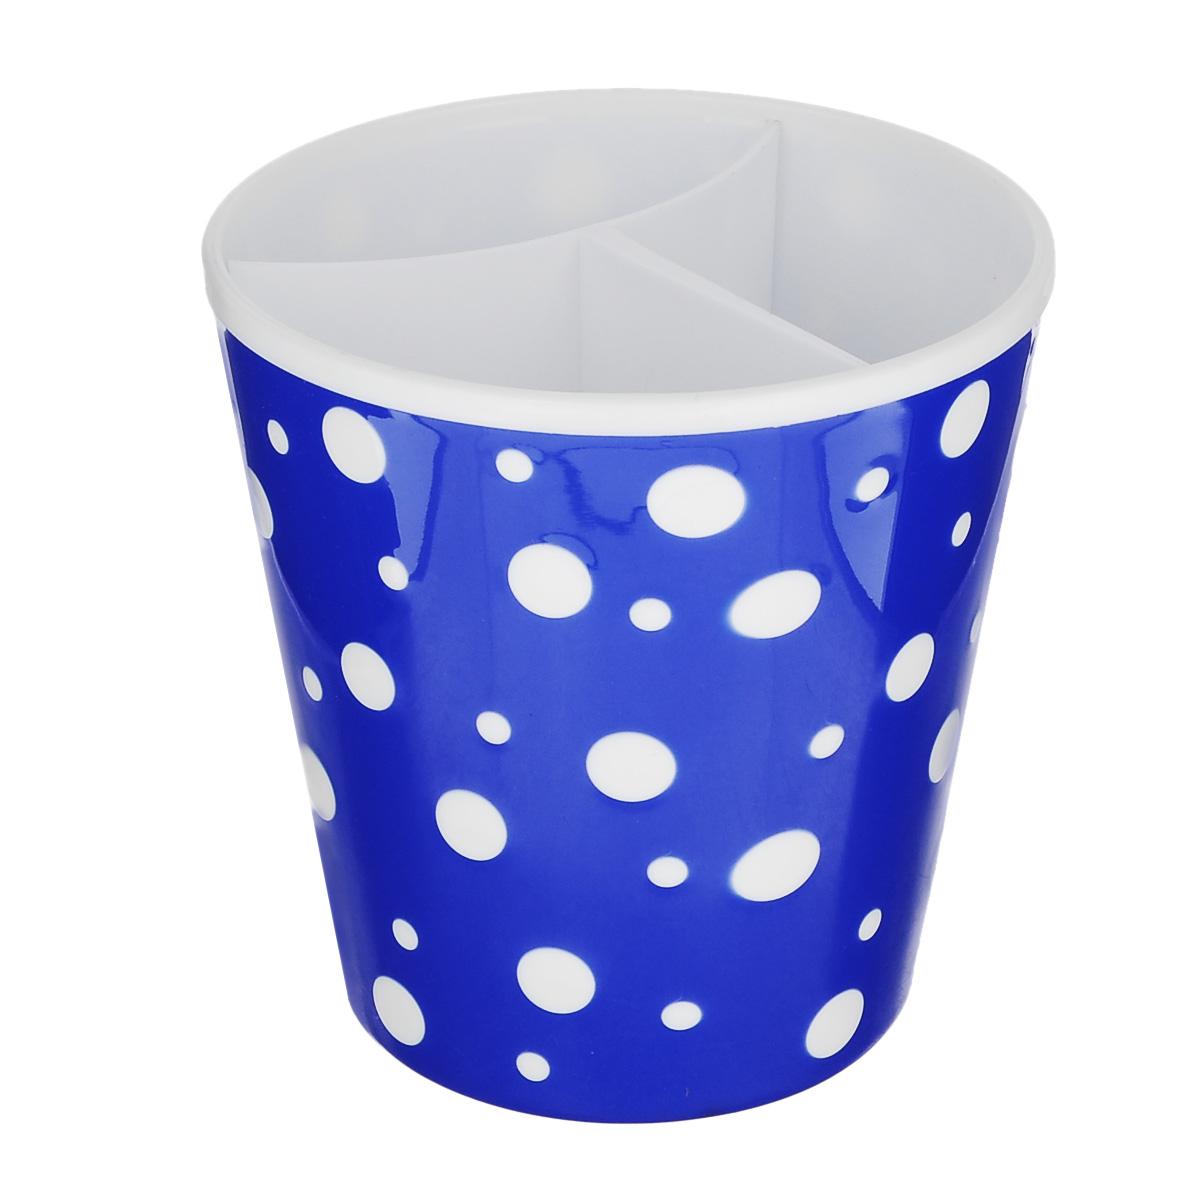 Подставка под столовые приборы Альтернатива Горошек, цвет: белый, синий, 12,5 х 12,5 х 13 смМ2730Подставка под столовые приборы Альтернатива Горошек выполнена из пластика, удобна в использовании. Благодаря своему дизайну впишется в интерьер любой кухни.